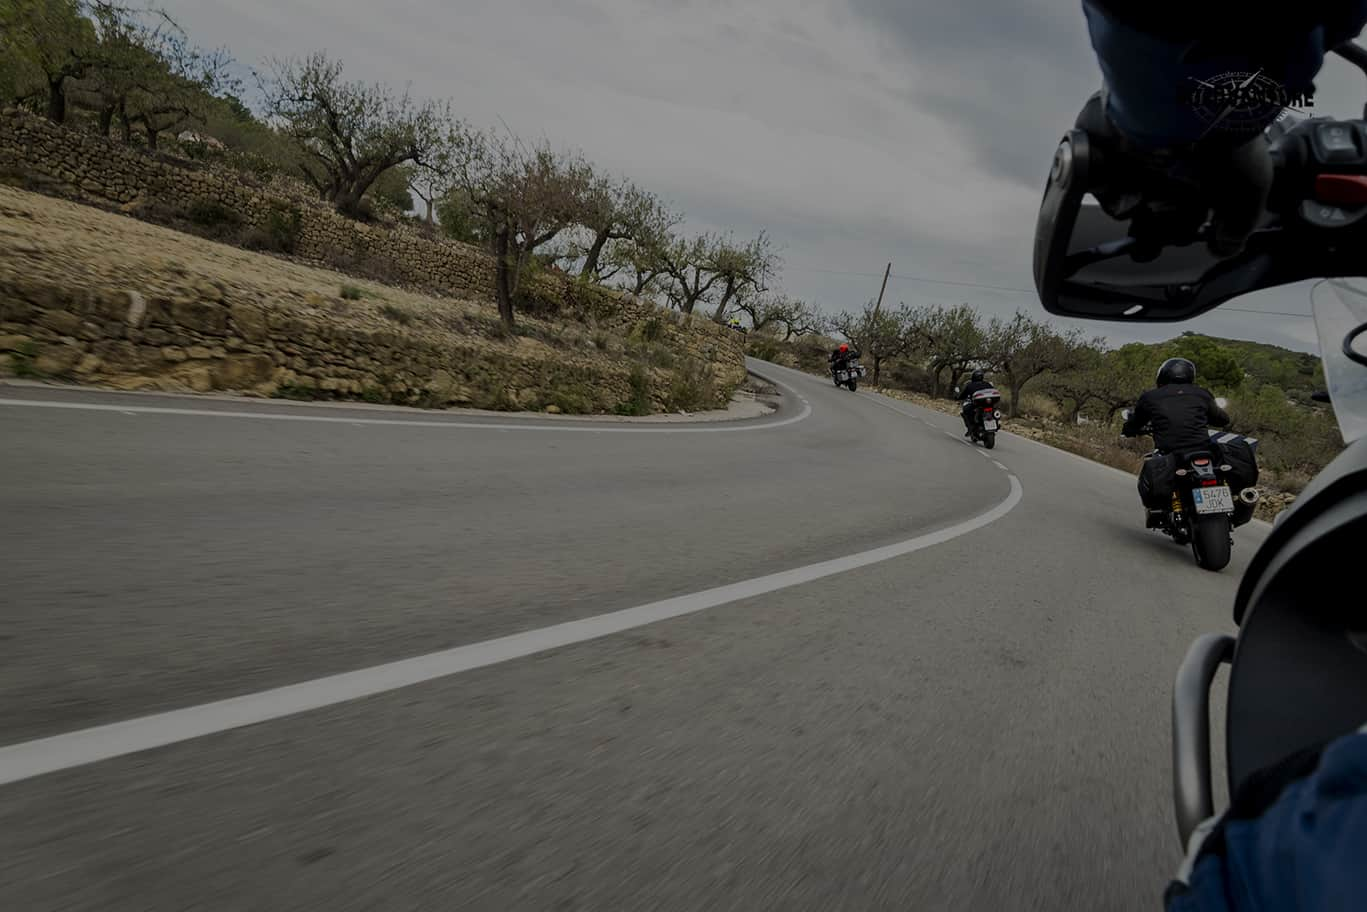 Viaje en moto organizado por el Norte de España